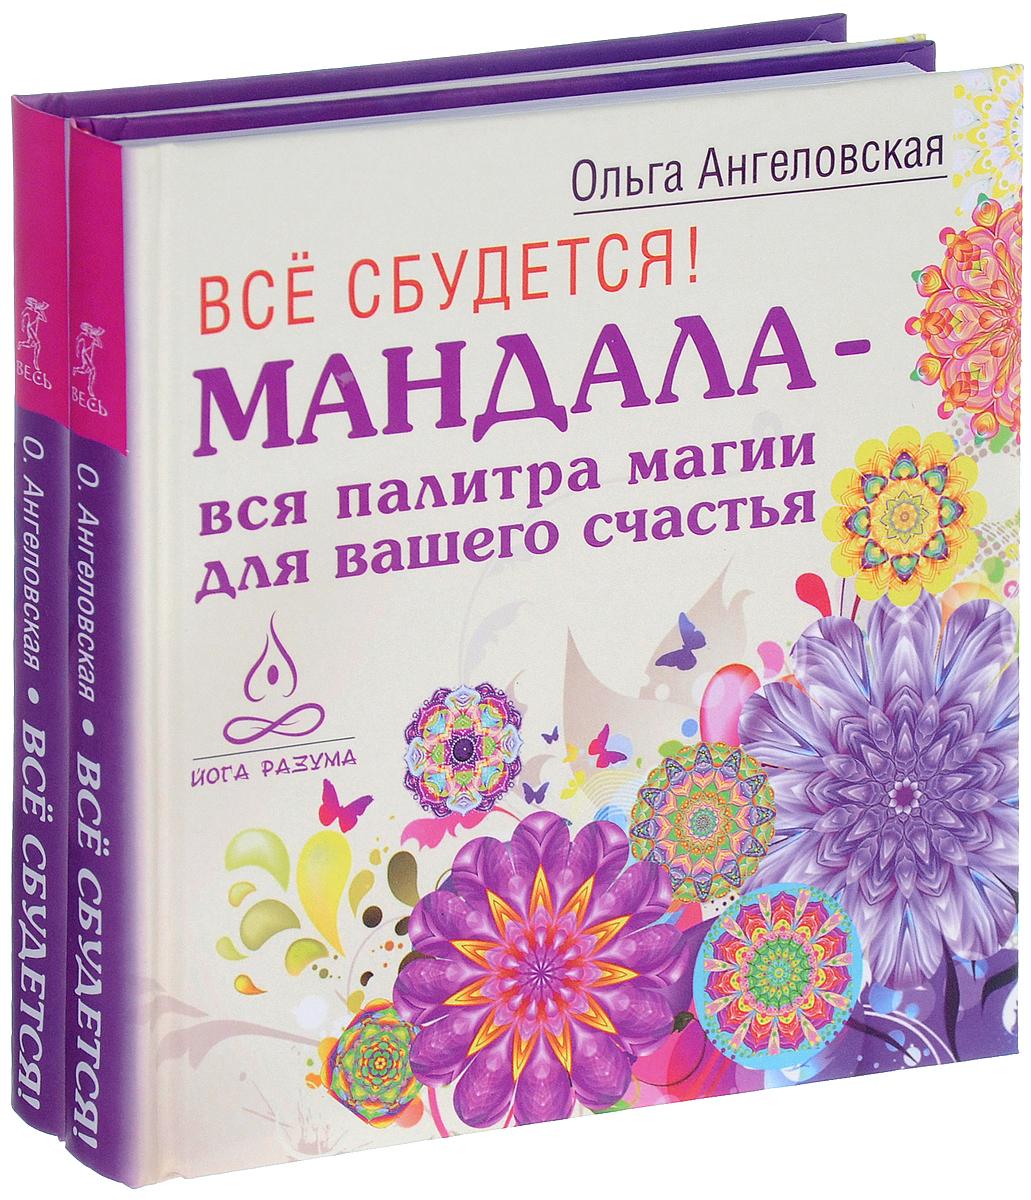 Всё сбудется! Мандала - вся палитра магии для вашего счастья (комплект из 2 книг). Ольга Ангеловская